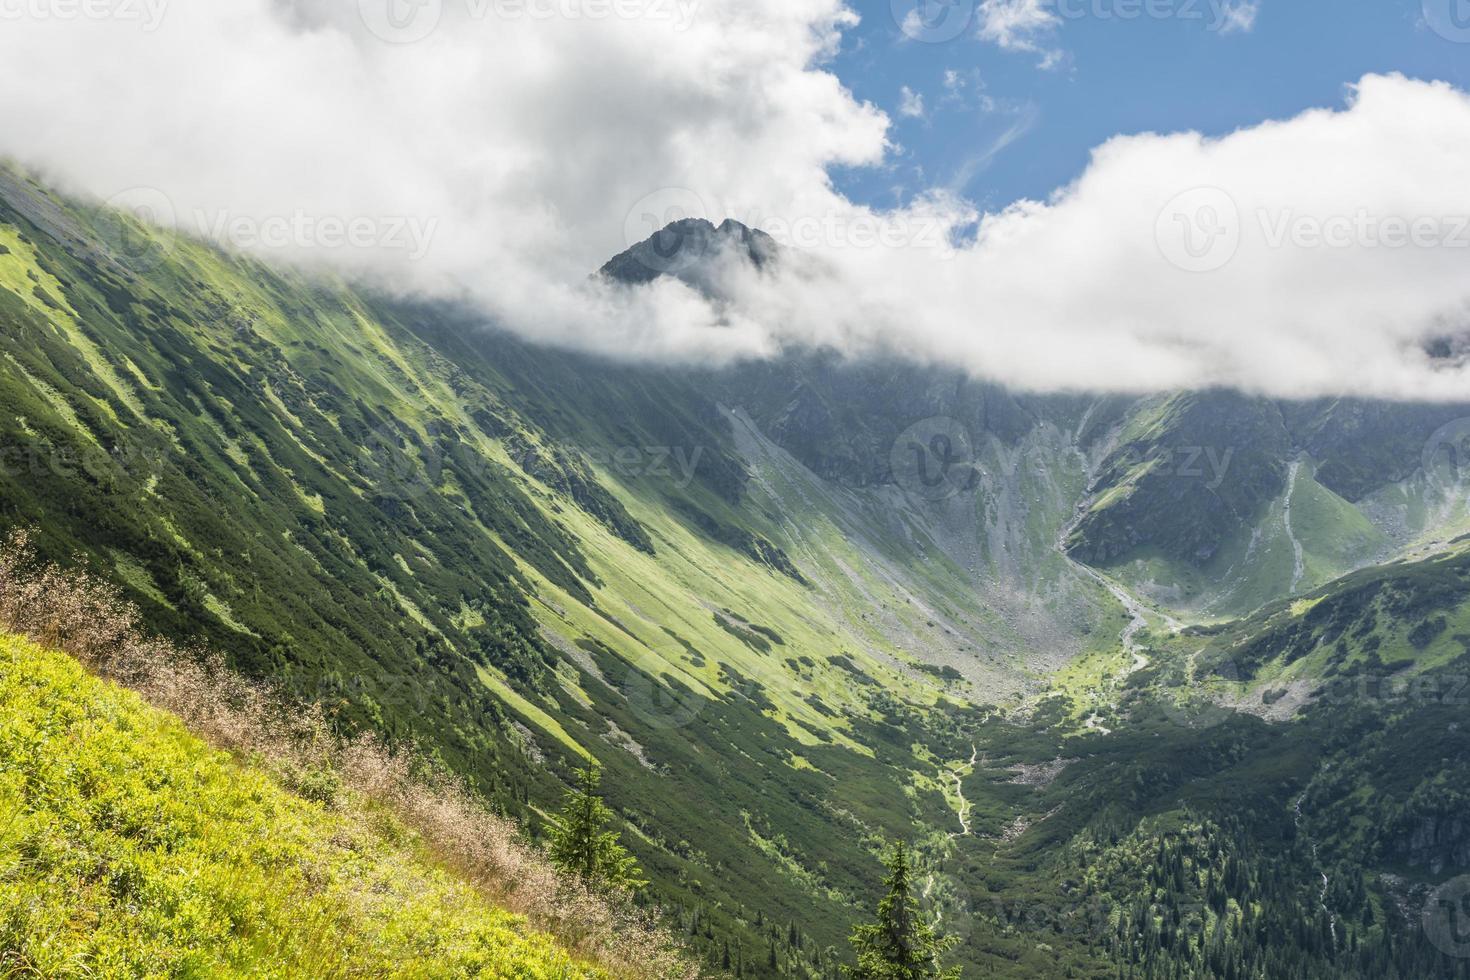 vallei en pieken in de wolken foto